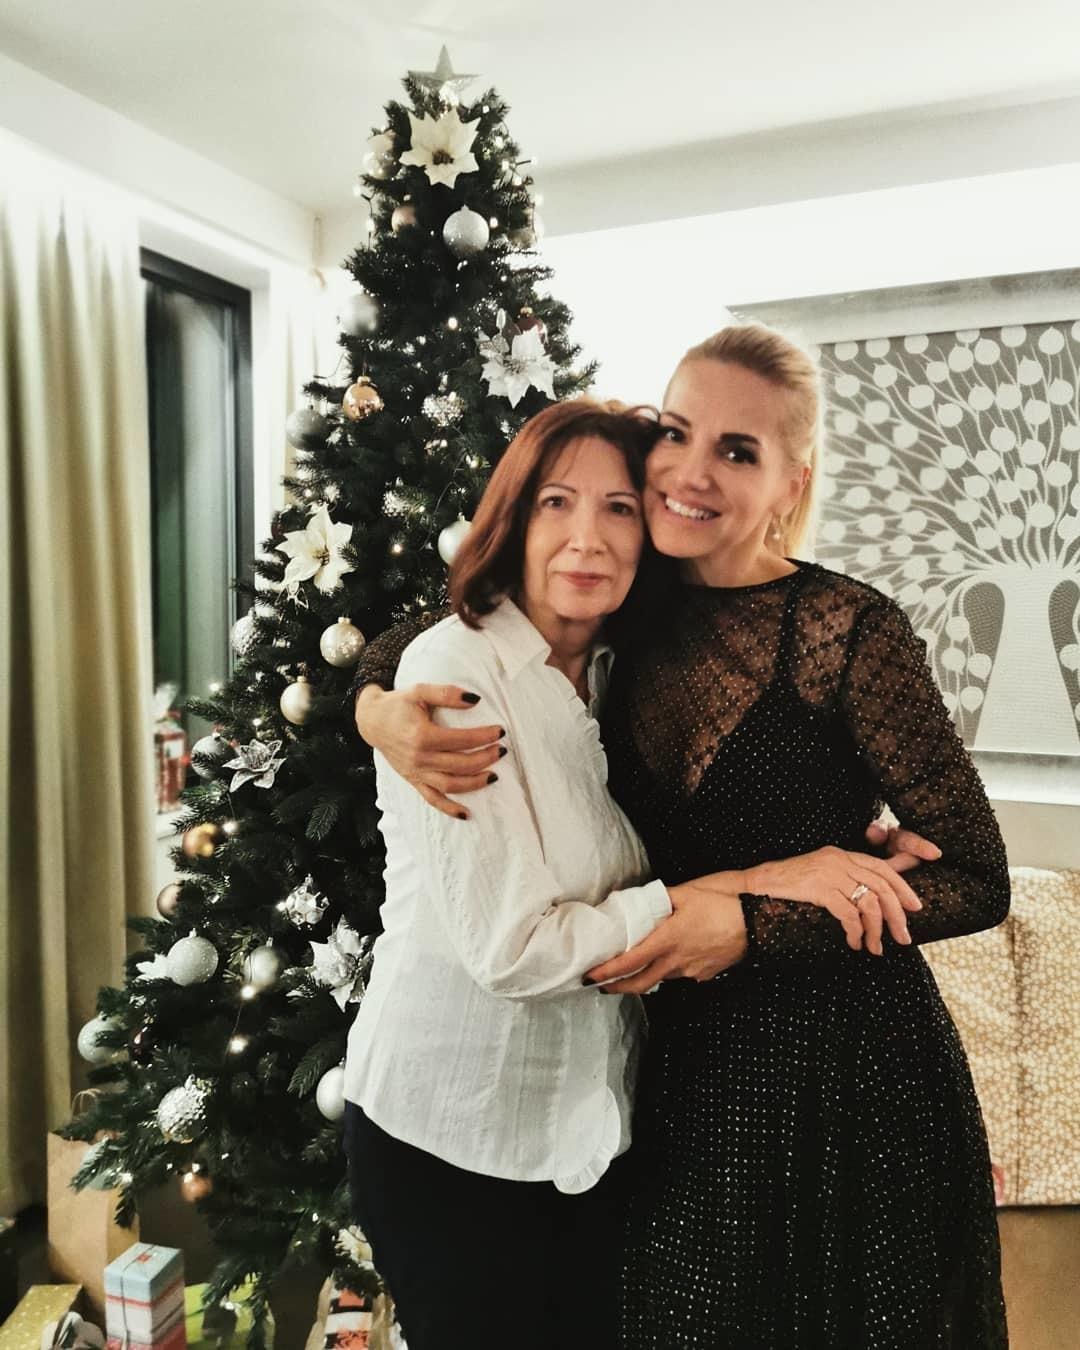 Vánoční modely slavných: Dara Rolins